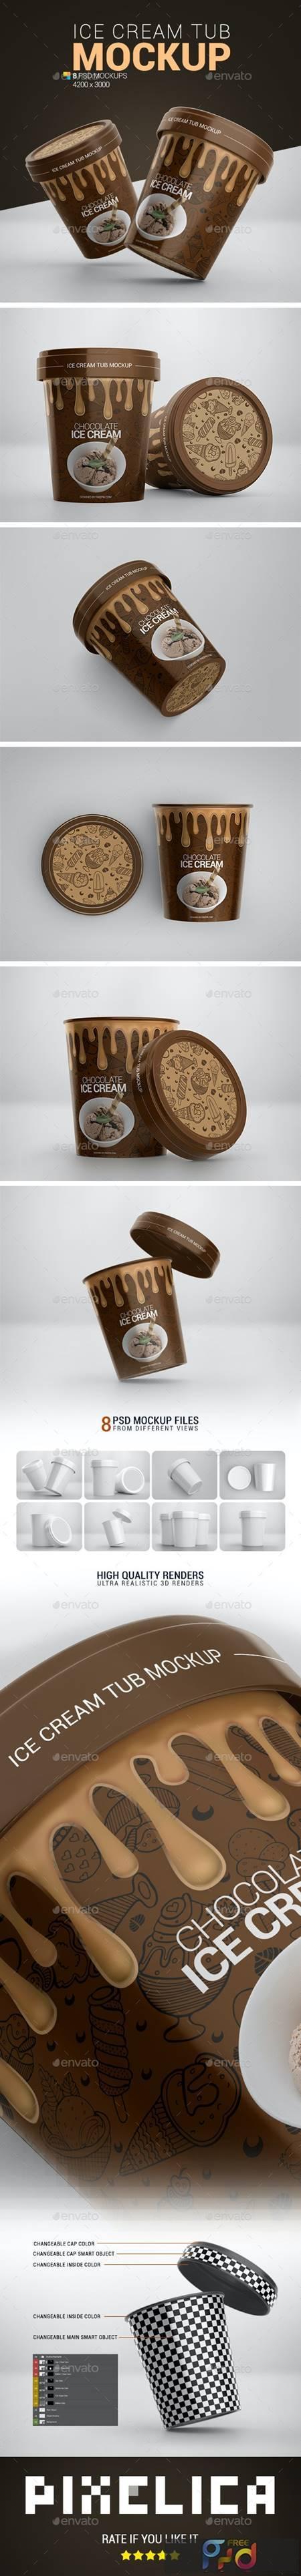 Ice Cream Tub Mockup 24247761 1